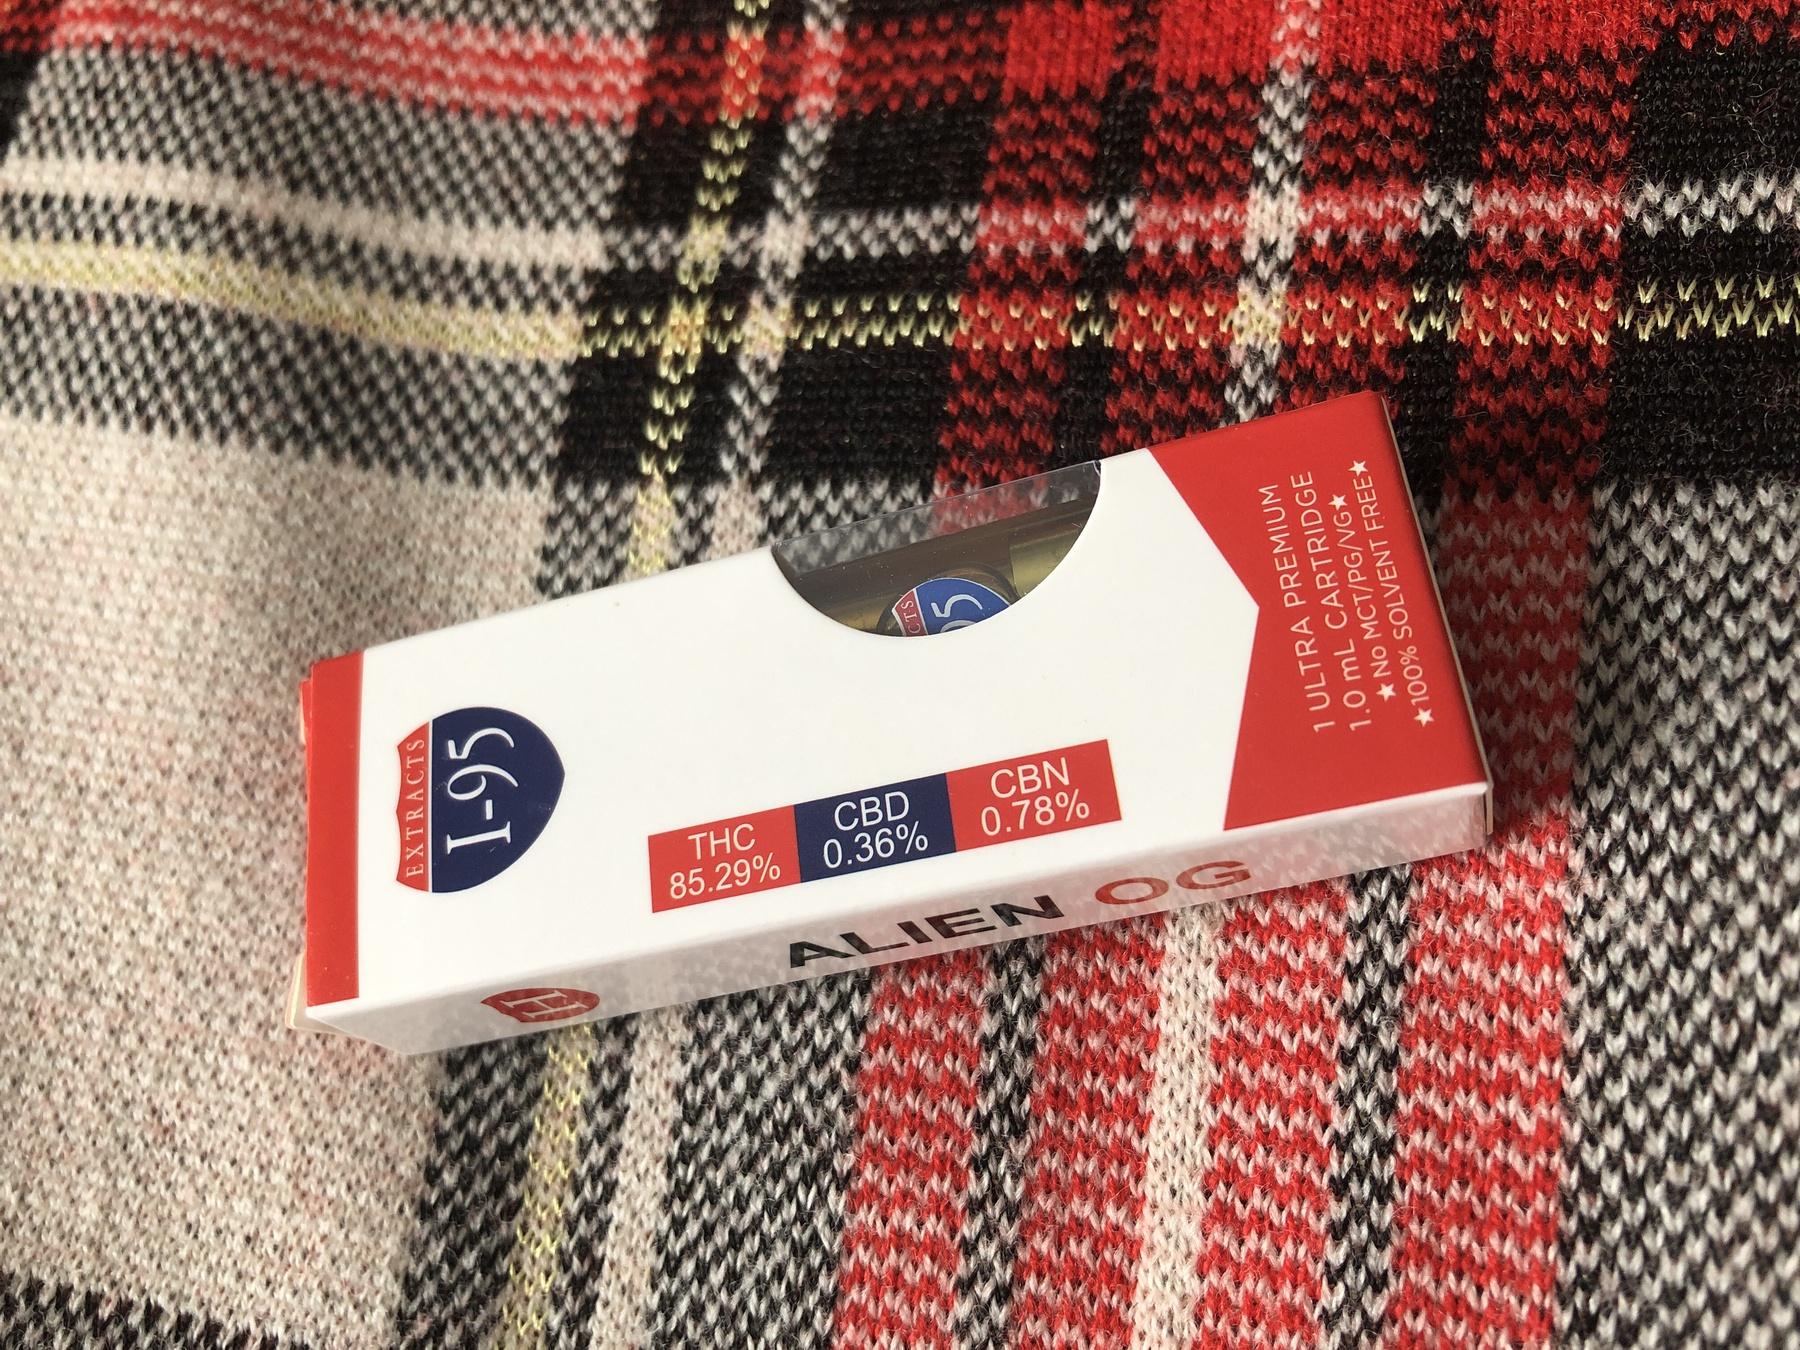 Alien OG 1.0 Cartridge (I-95 Brand) Product image